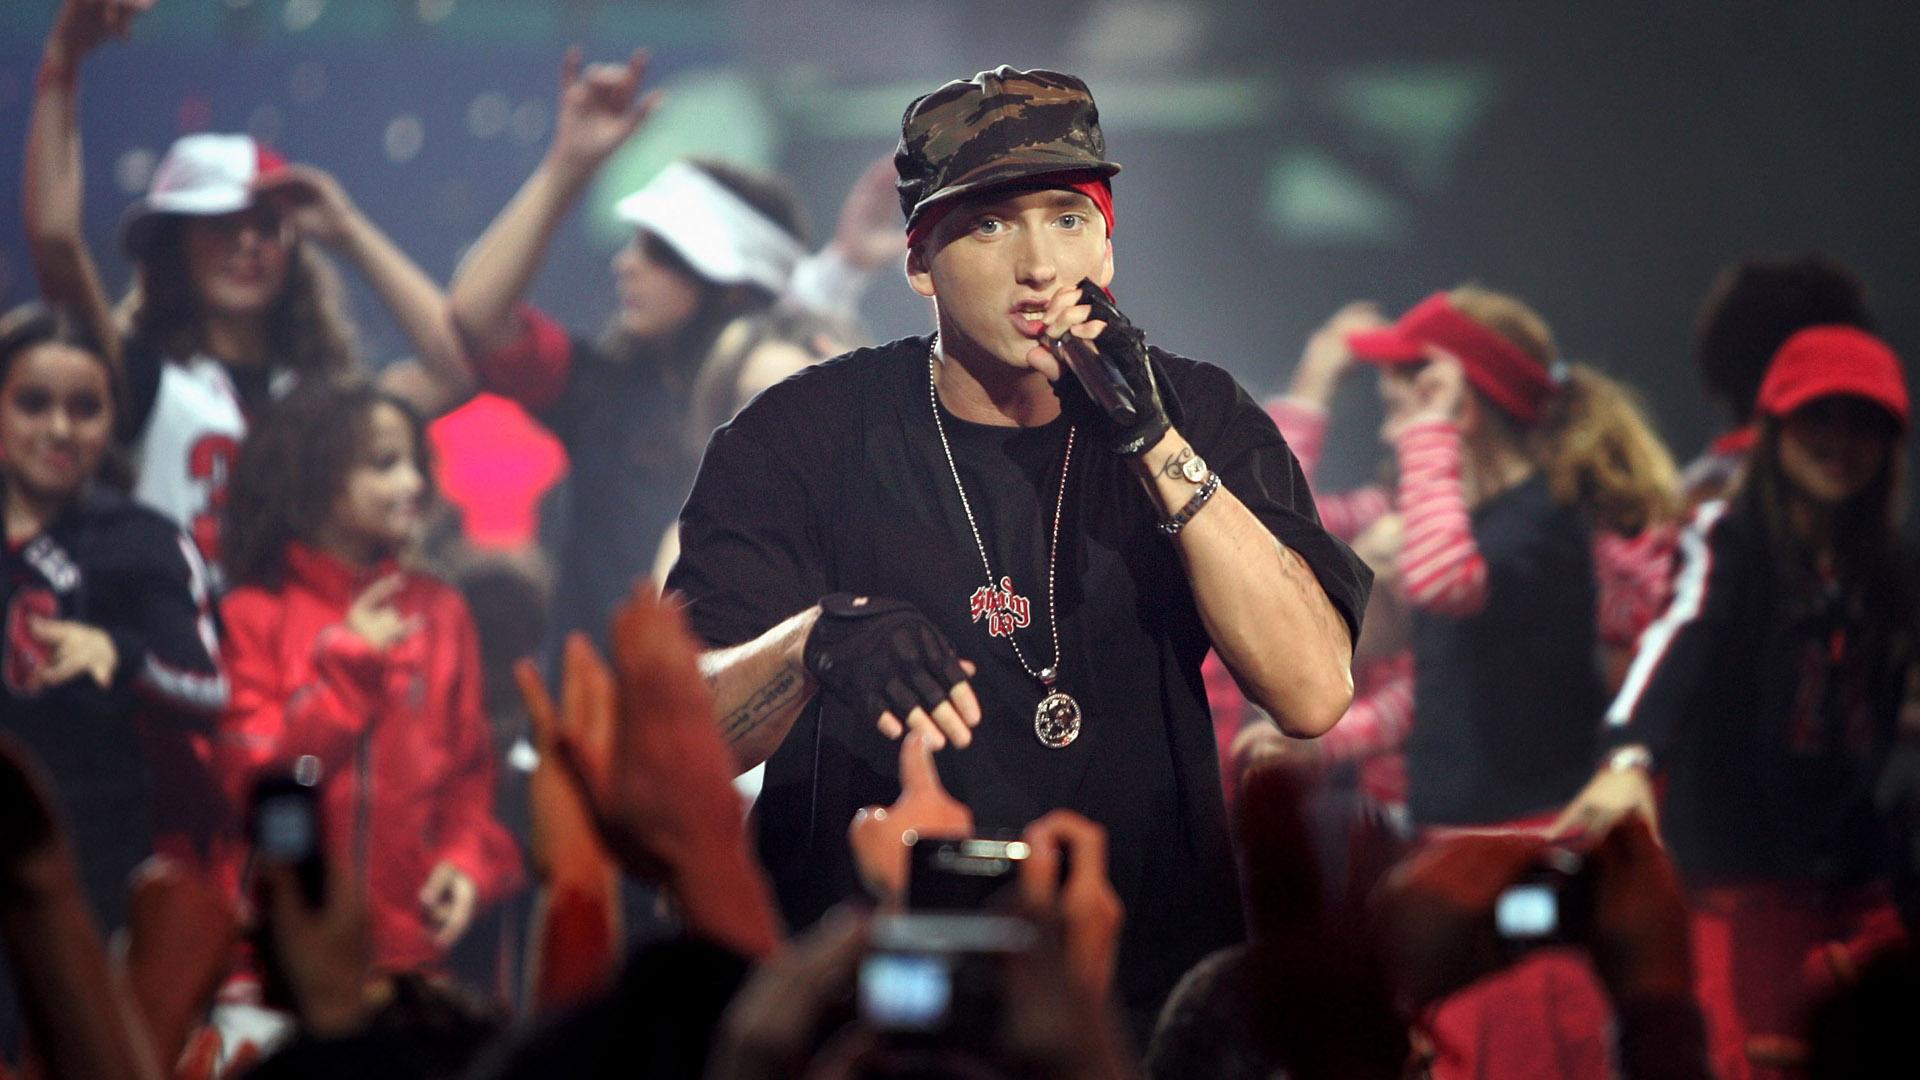 Eminem Wallpaper 19